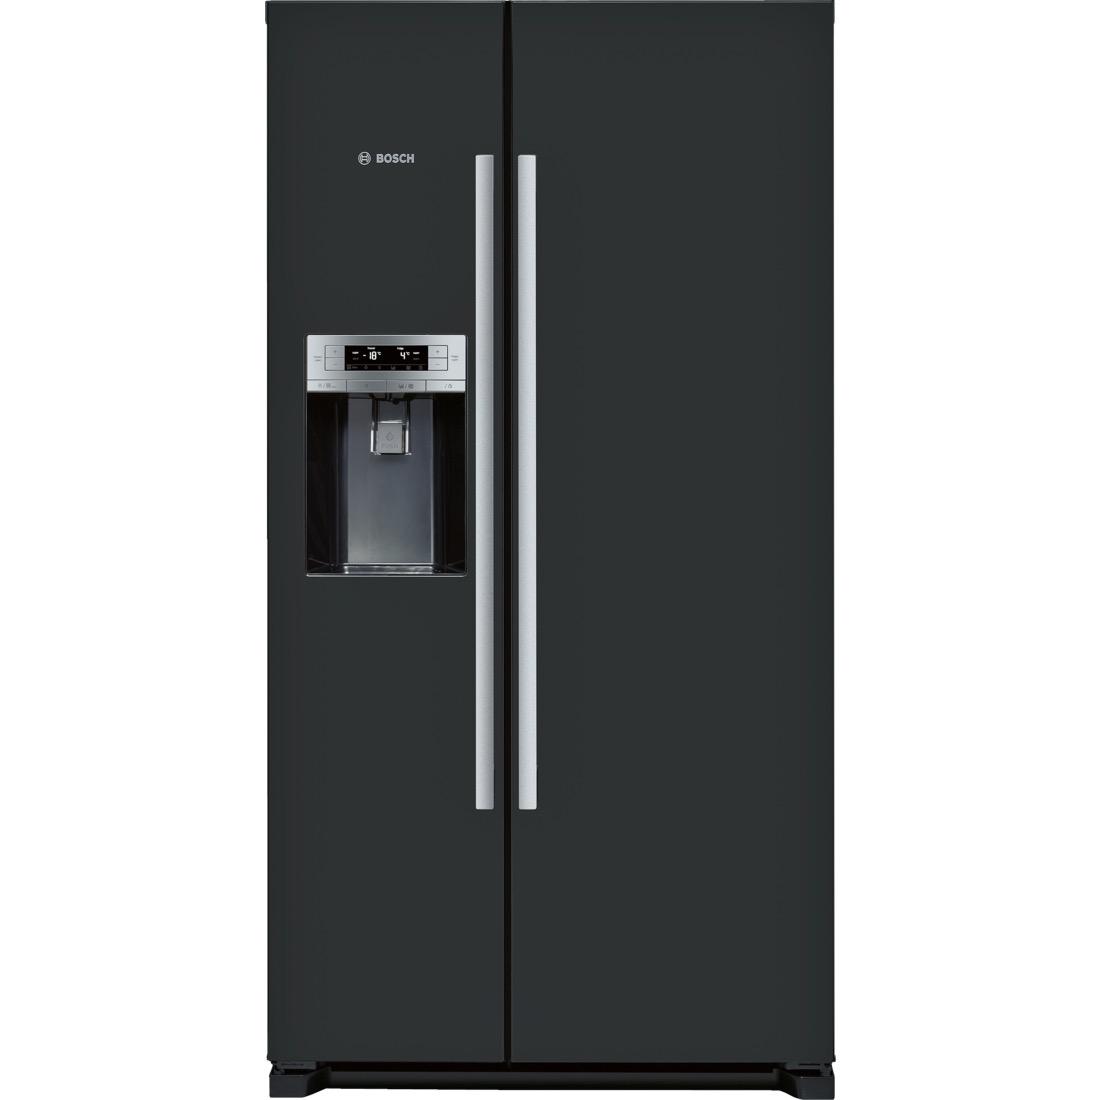 side-by-side koelkast Bosch KAD90VB20 side-by-side koelkast vrijstaand KAD 90VB20 KAD 90 VB 20